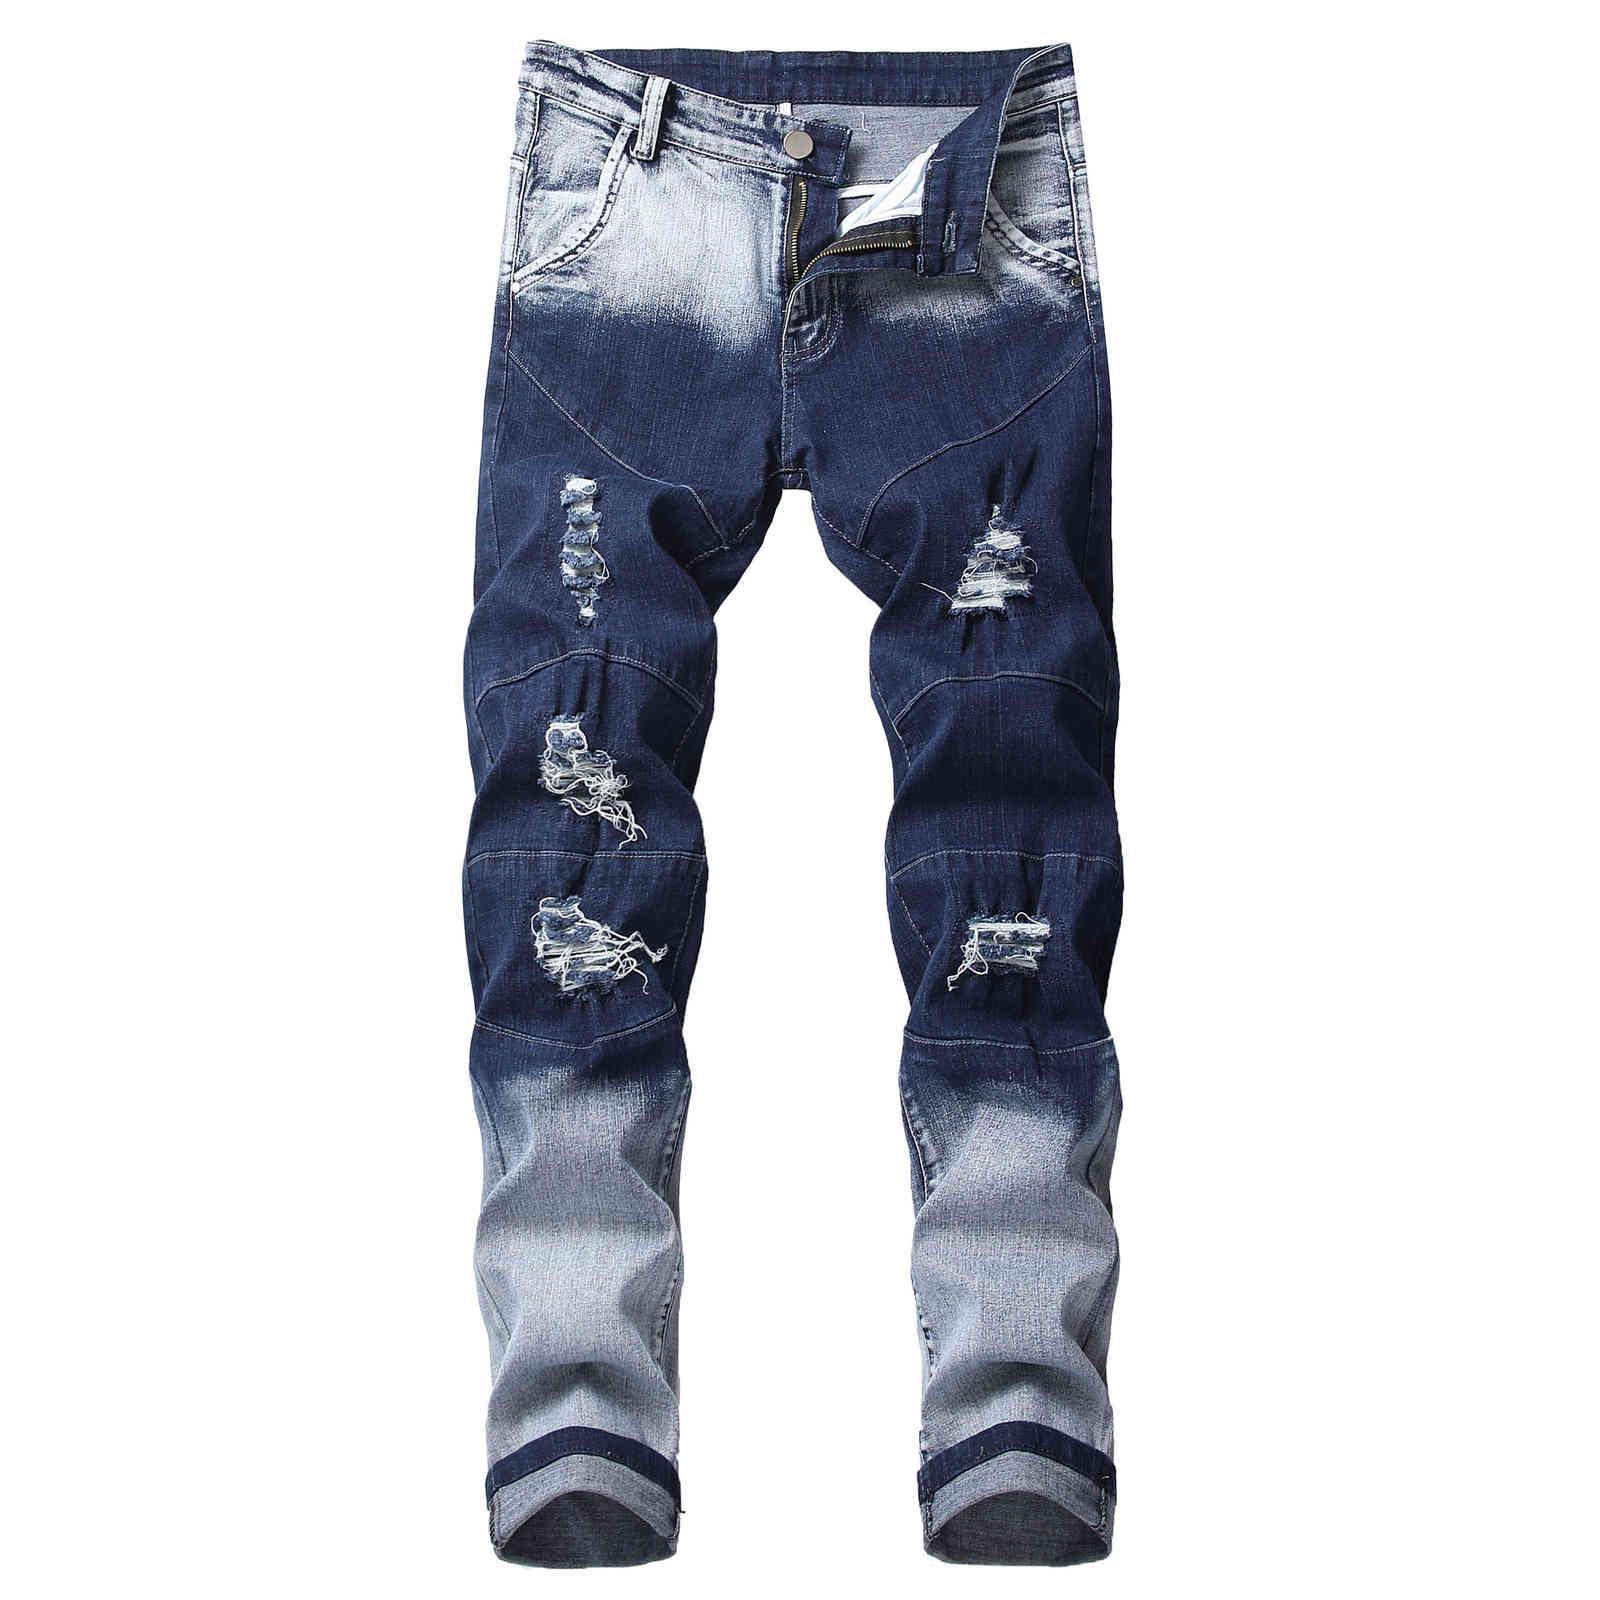 Homens jeans moda jeans homens reta escura azul cor impressa mens jeans rasgado algodão estilo de moda